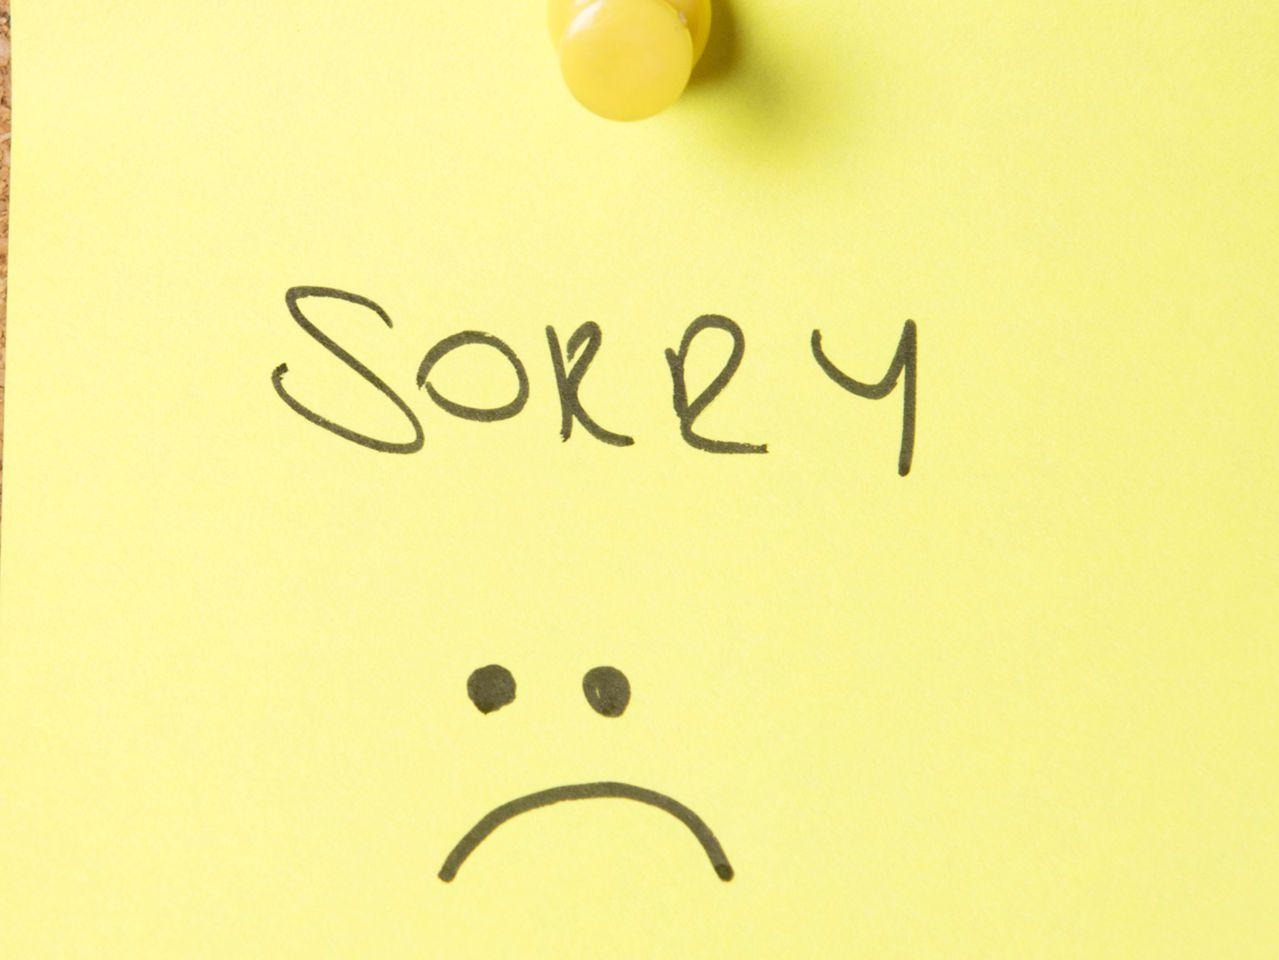 صورة رسالة اعتذار لصديق , كتابة رسالة اعتذار الي صديقك